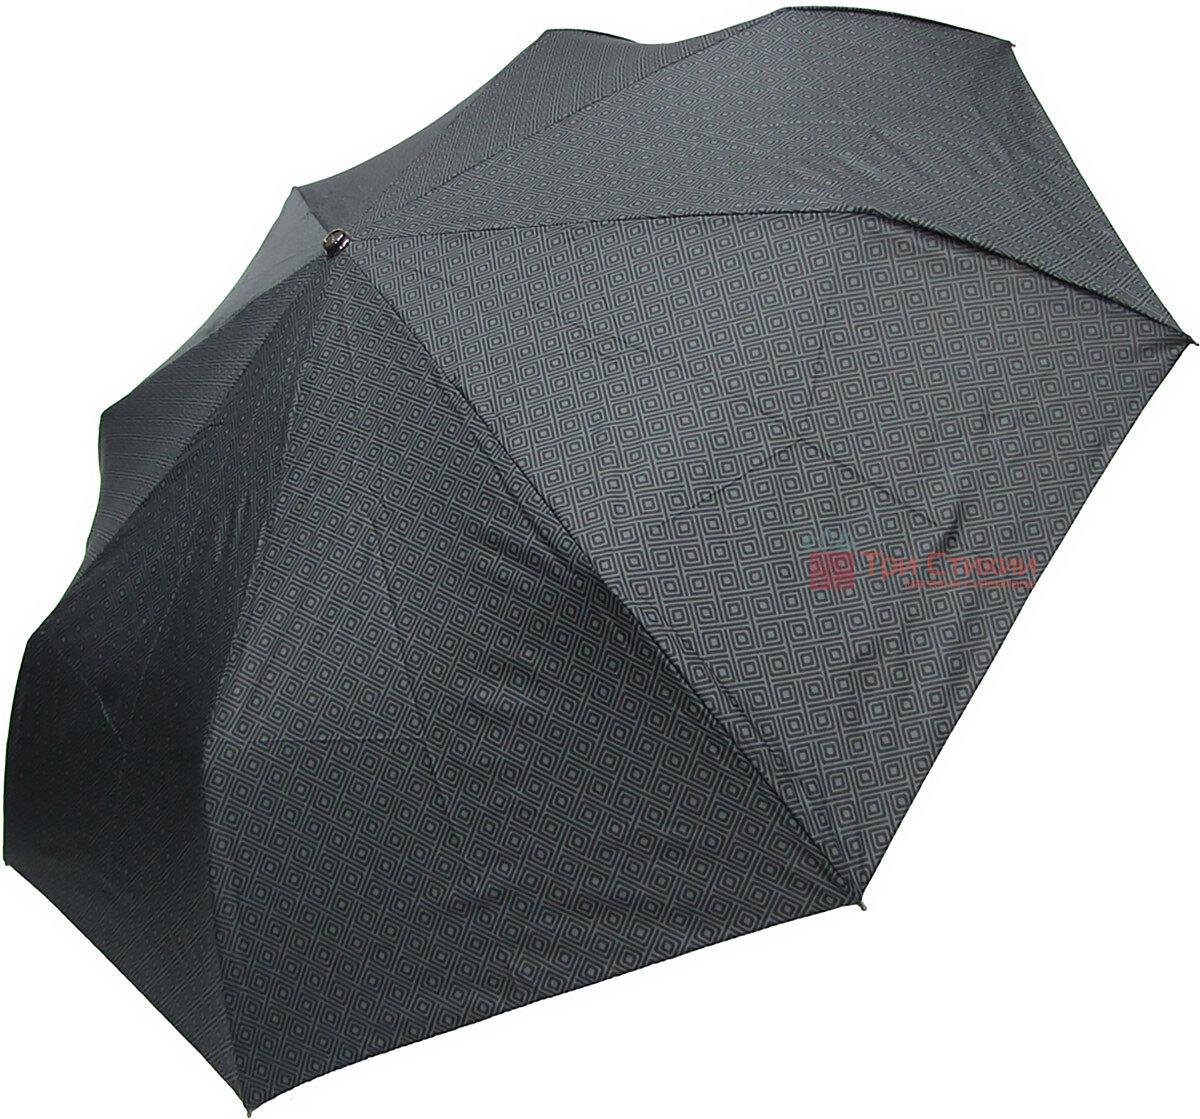 Зонт складной Doppler XM 74367N-2 полный автомат Ромб, фото 2